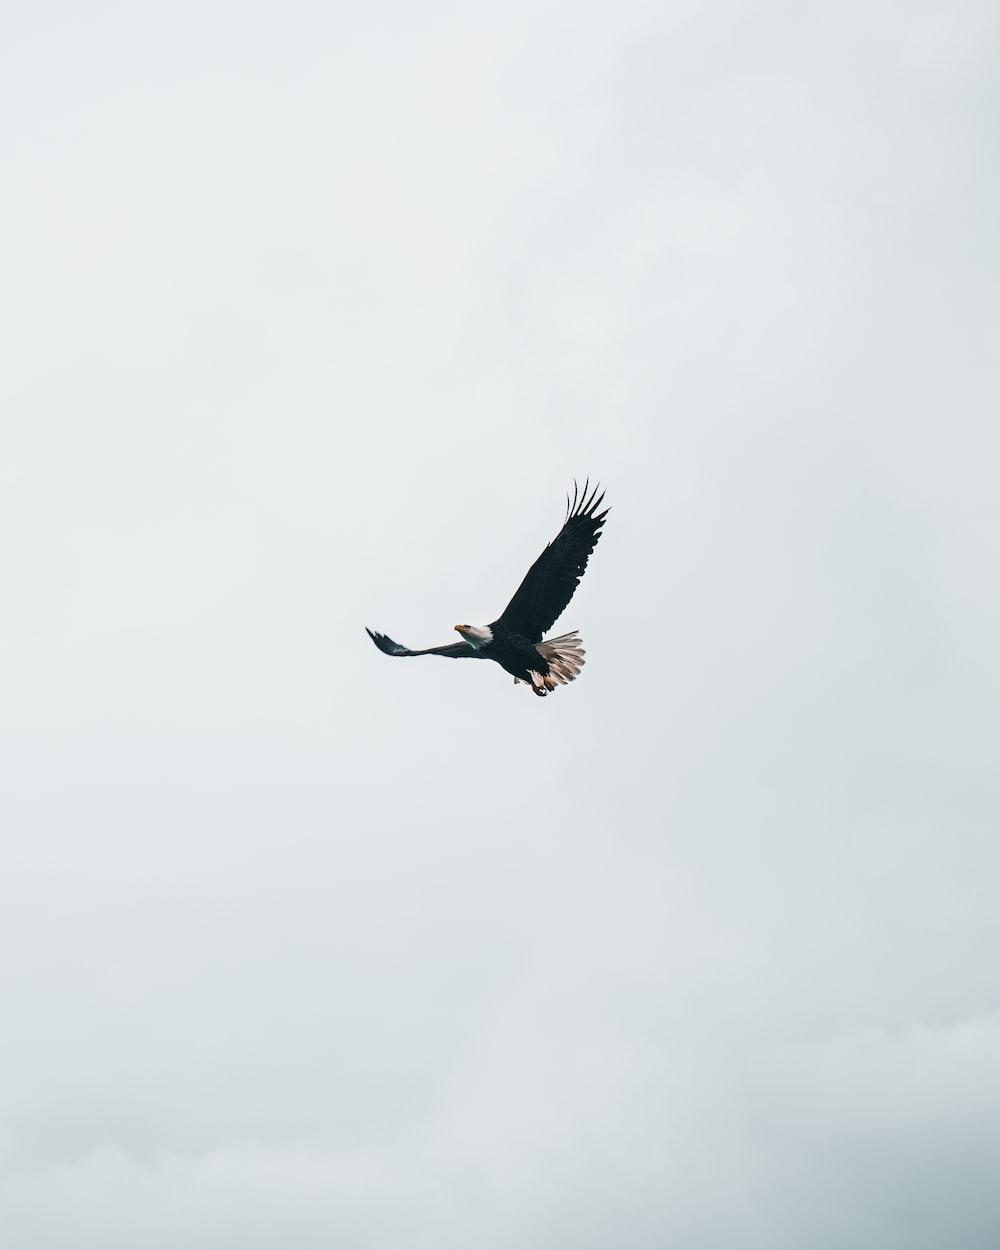 flying bald eagle during daytime